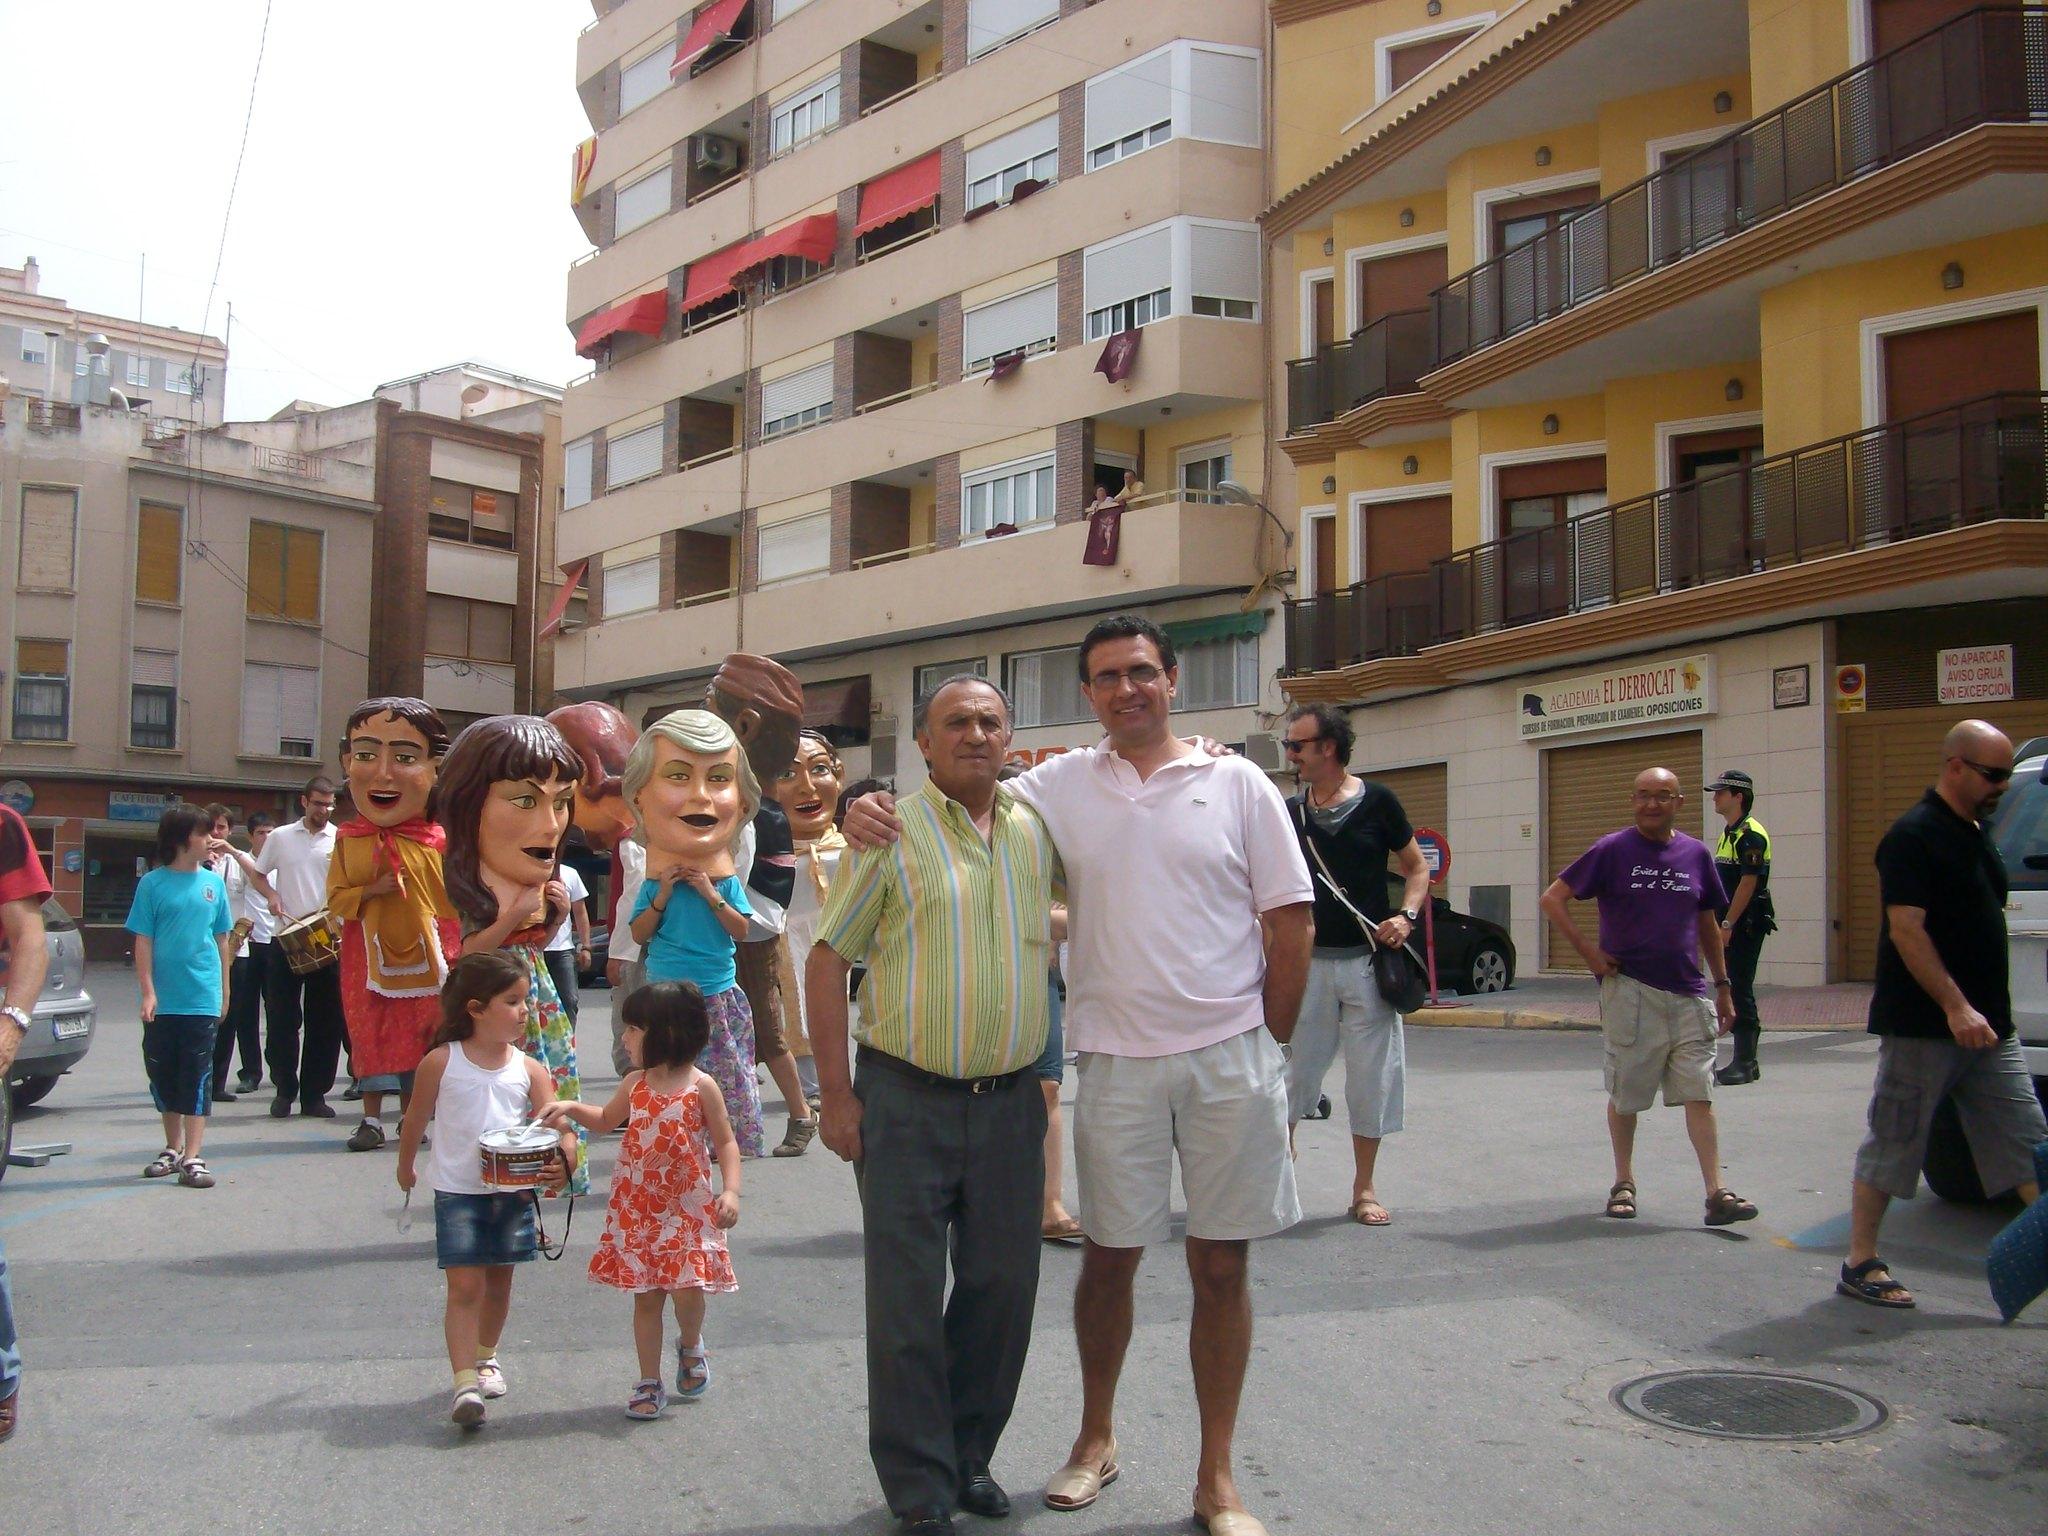 (2010-07-04) - Pasacalle Gent de Nanos - José Vicente Romero Ripoll -  (07)